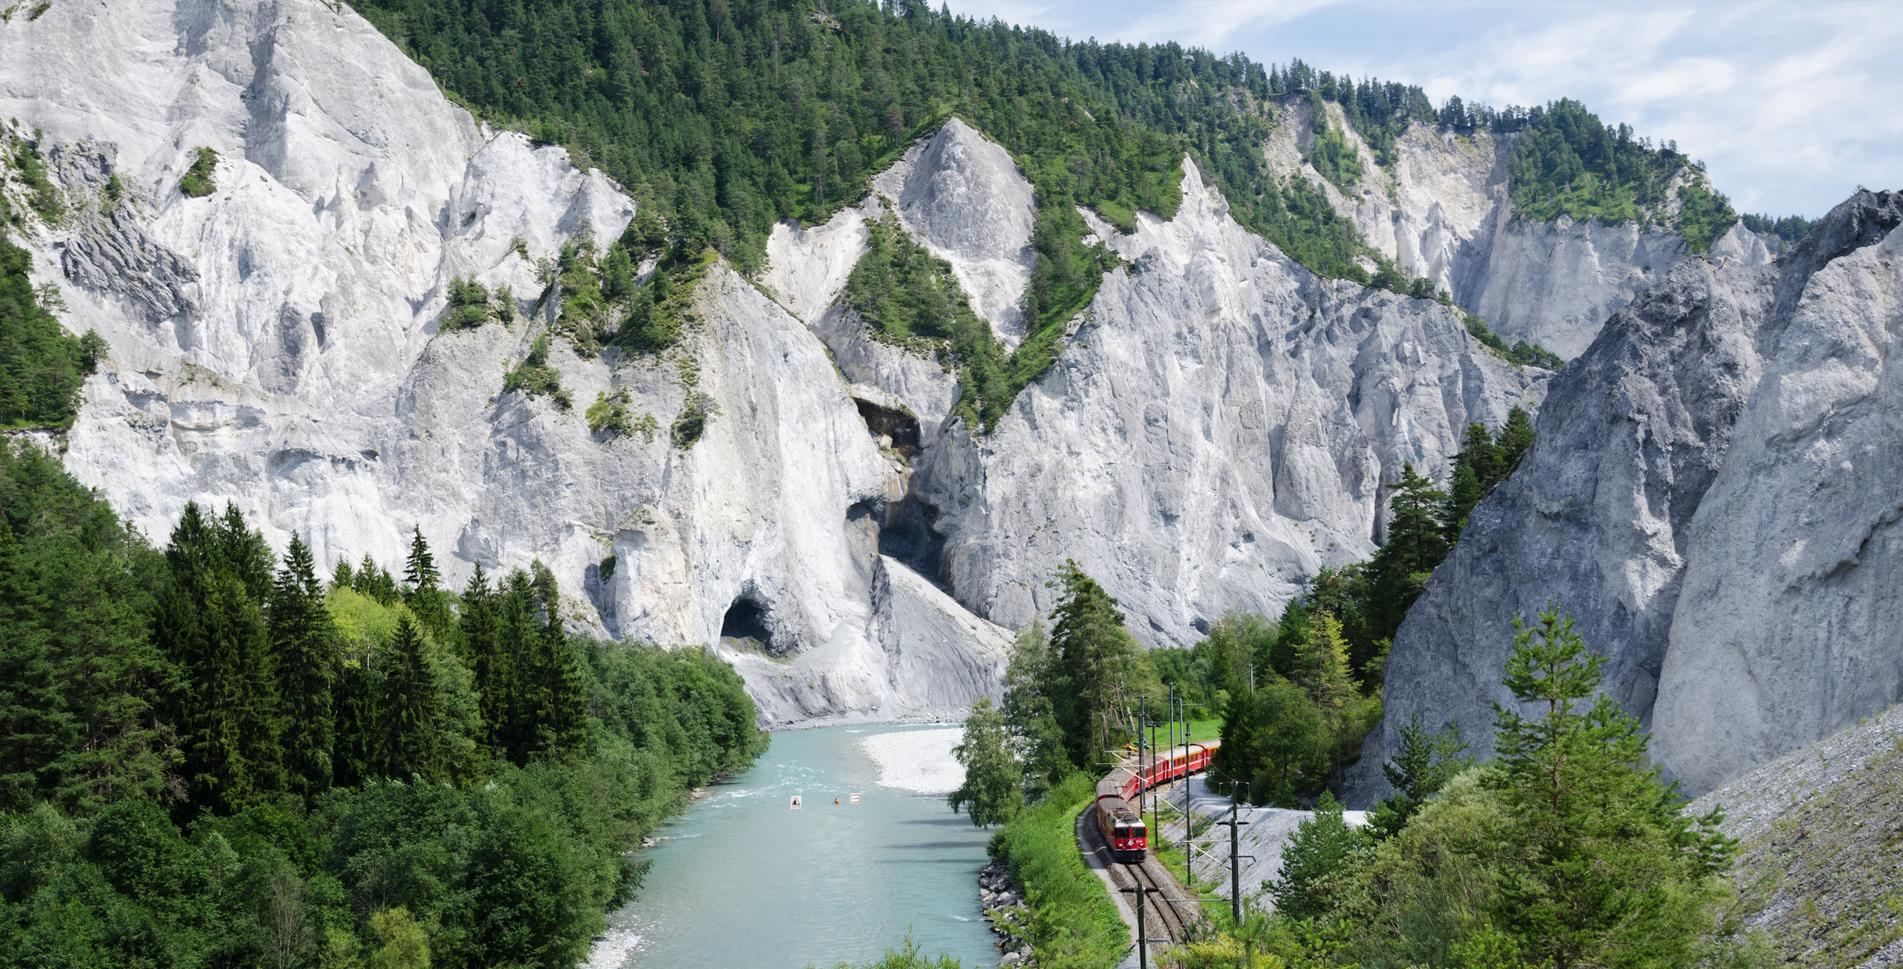 Wanderung in der Rheinschlucht von Films via Caumasee, Conn nach Versam-Safien